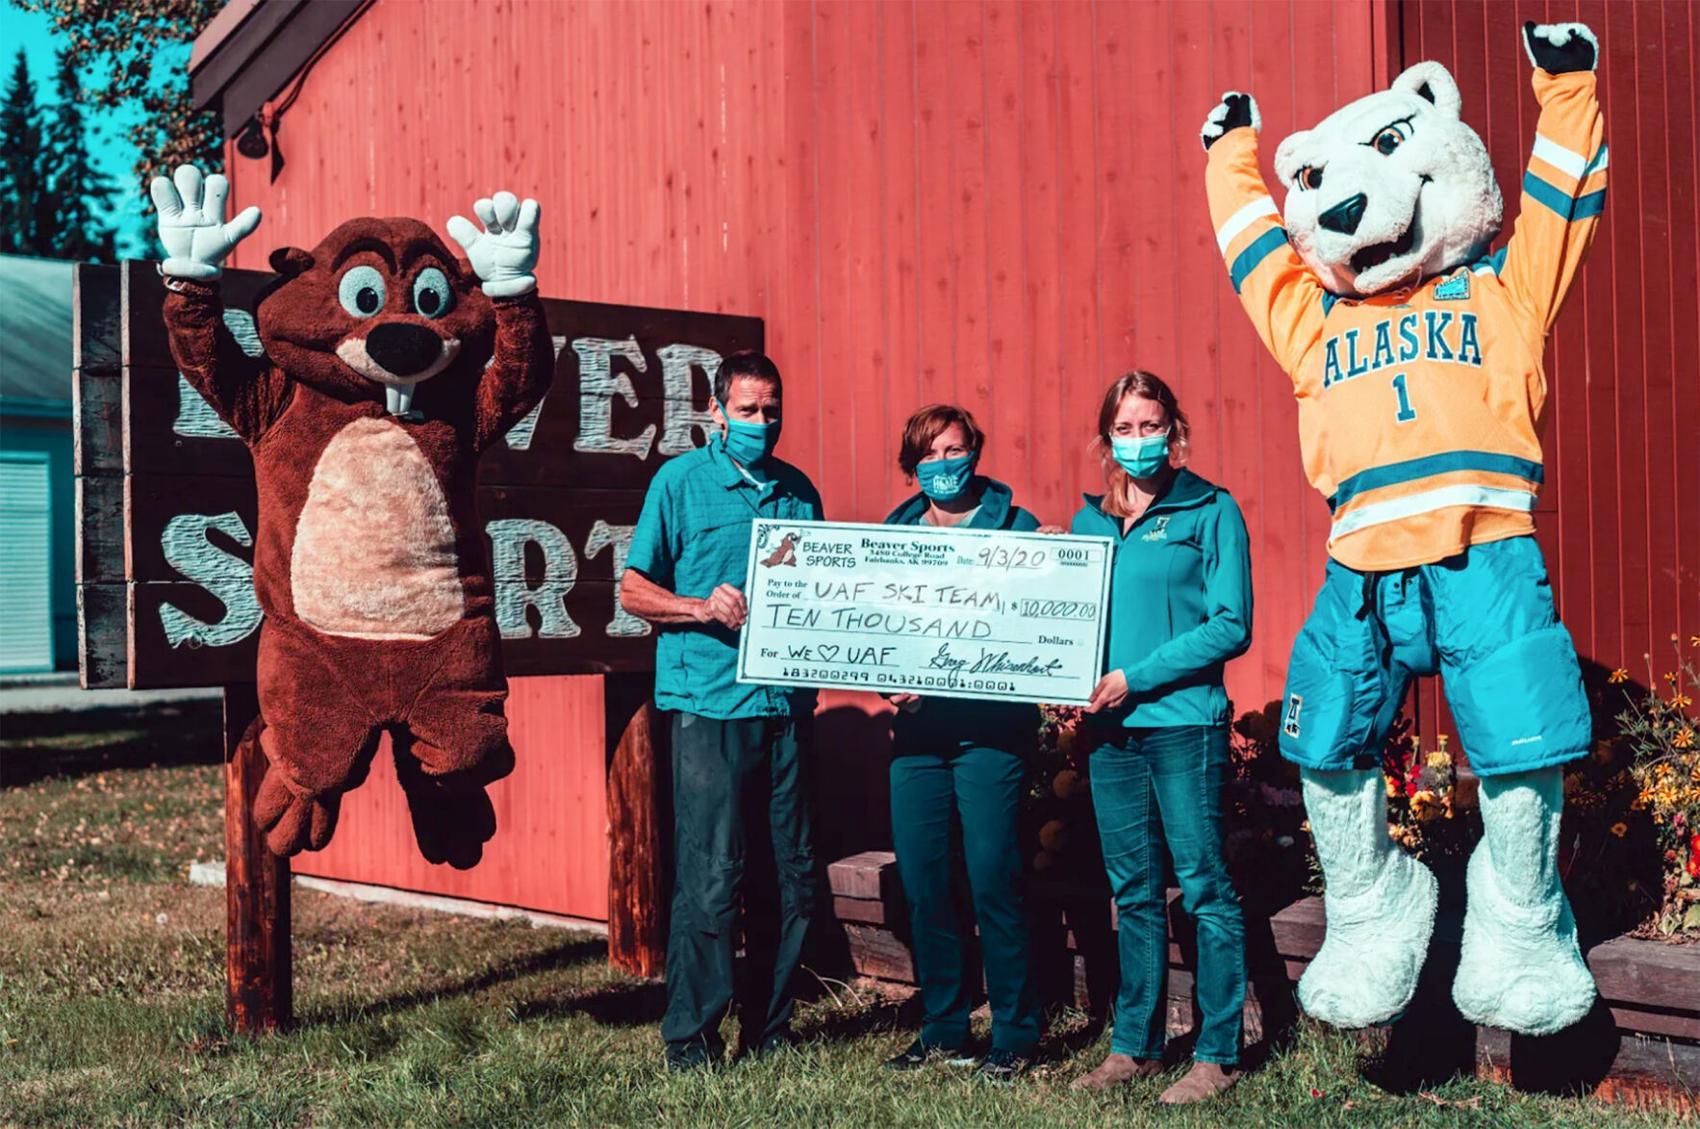 Ski team donation